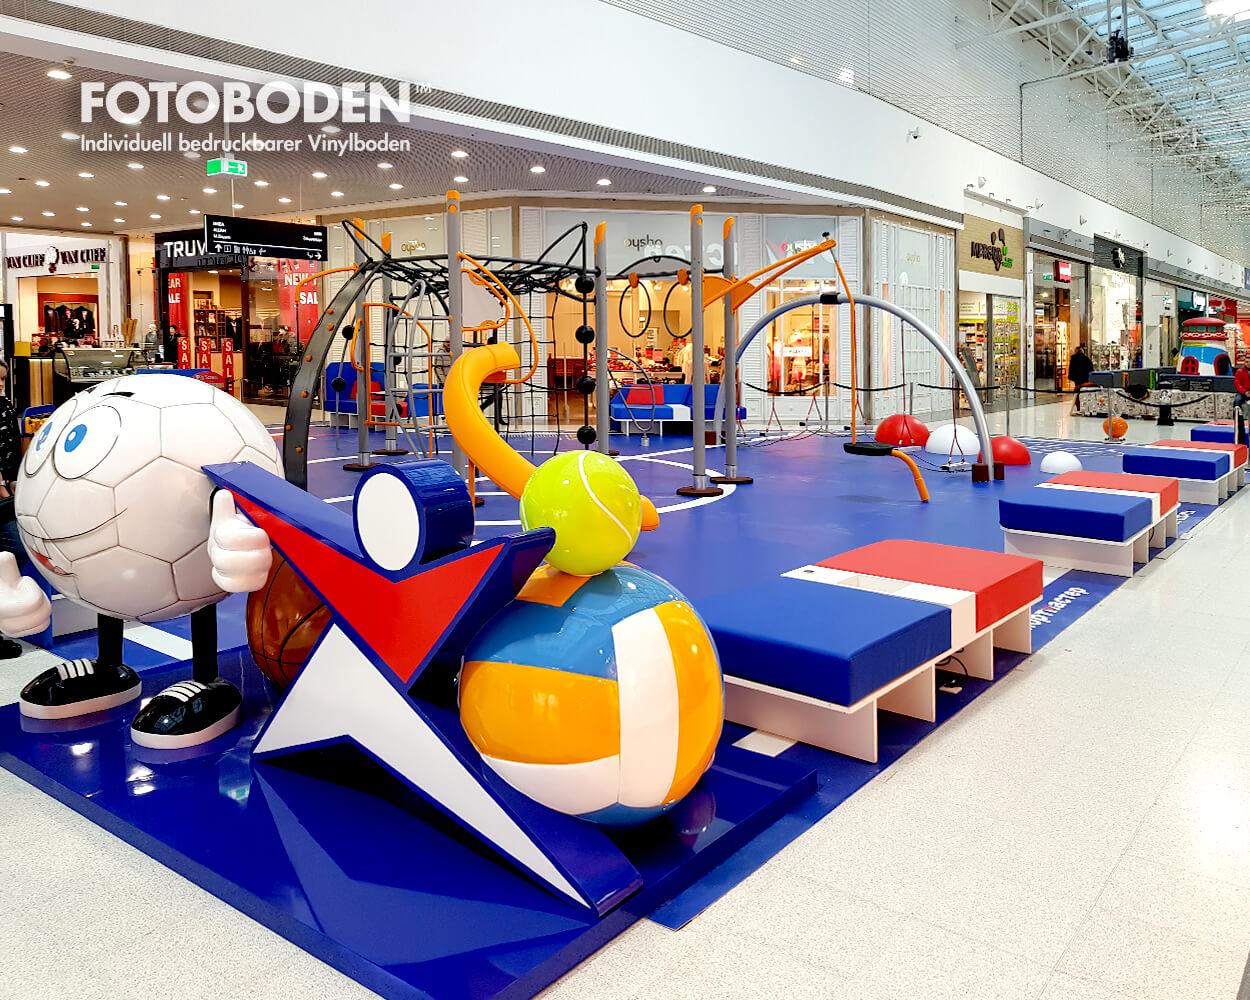 Ladengestaltung Fußboden fotoboden